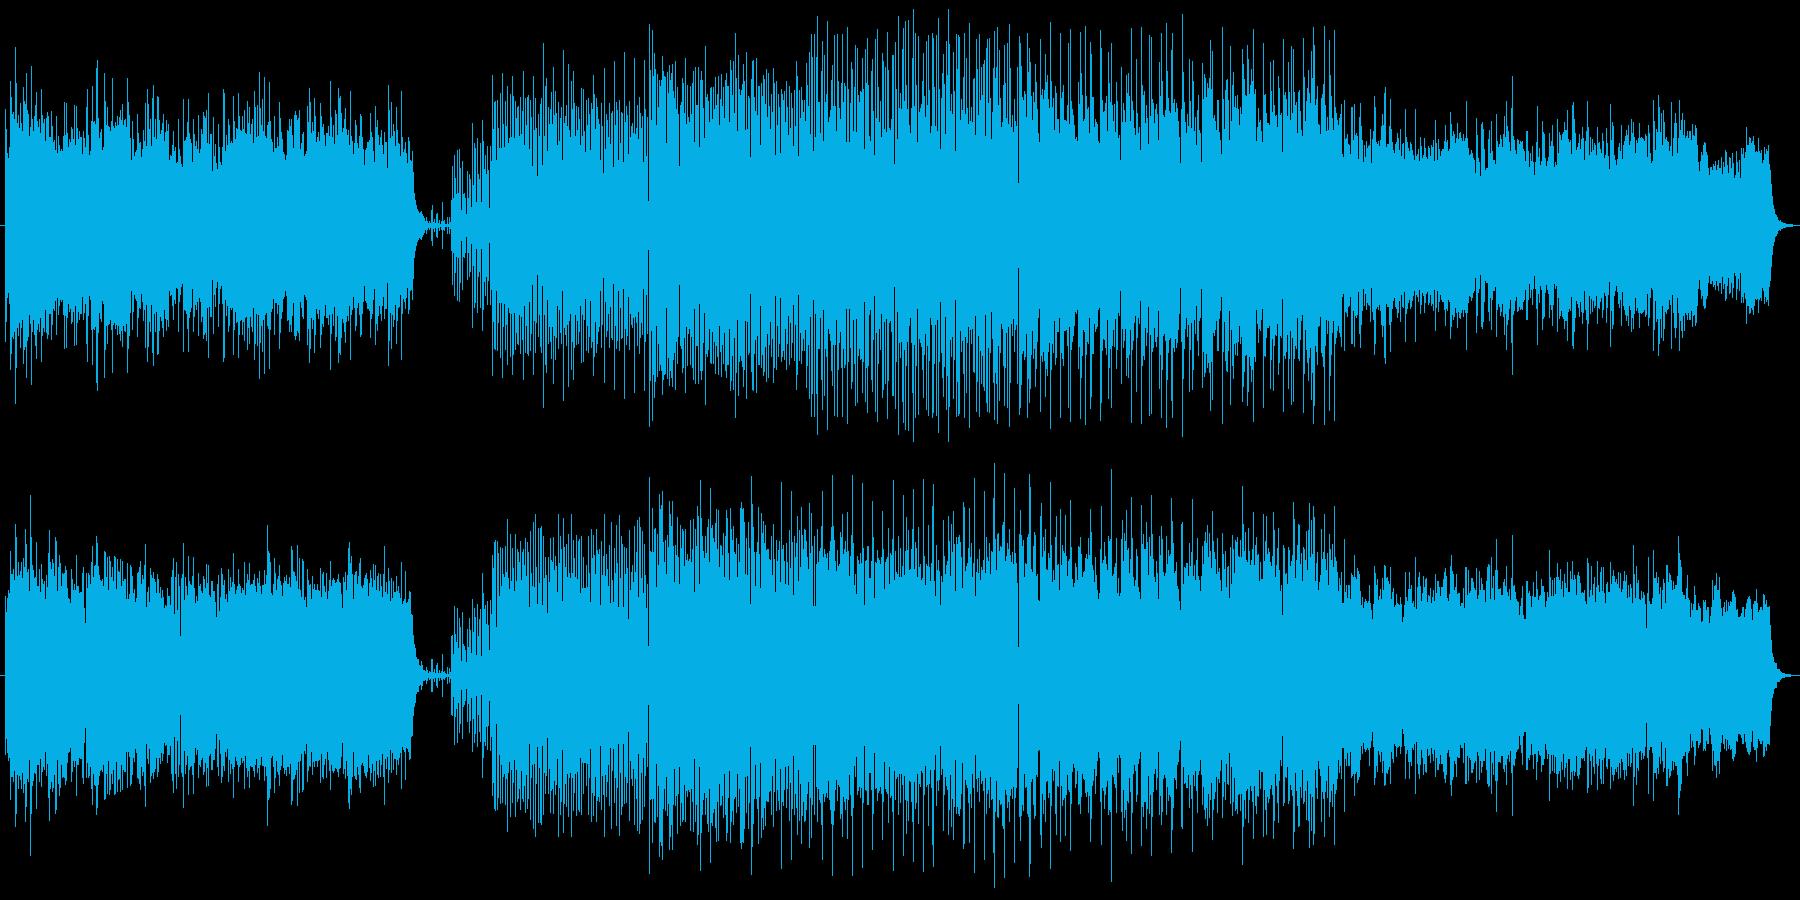 クリスマス定番の讃美歌4曲とジングルベルの再生済みの波形